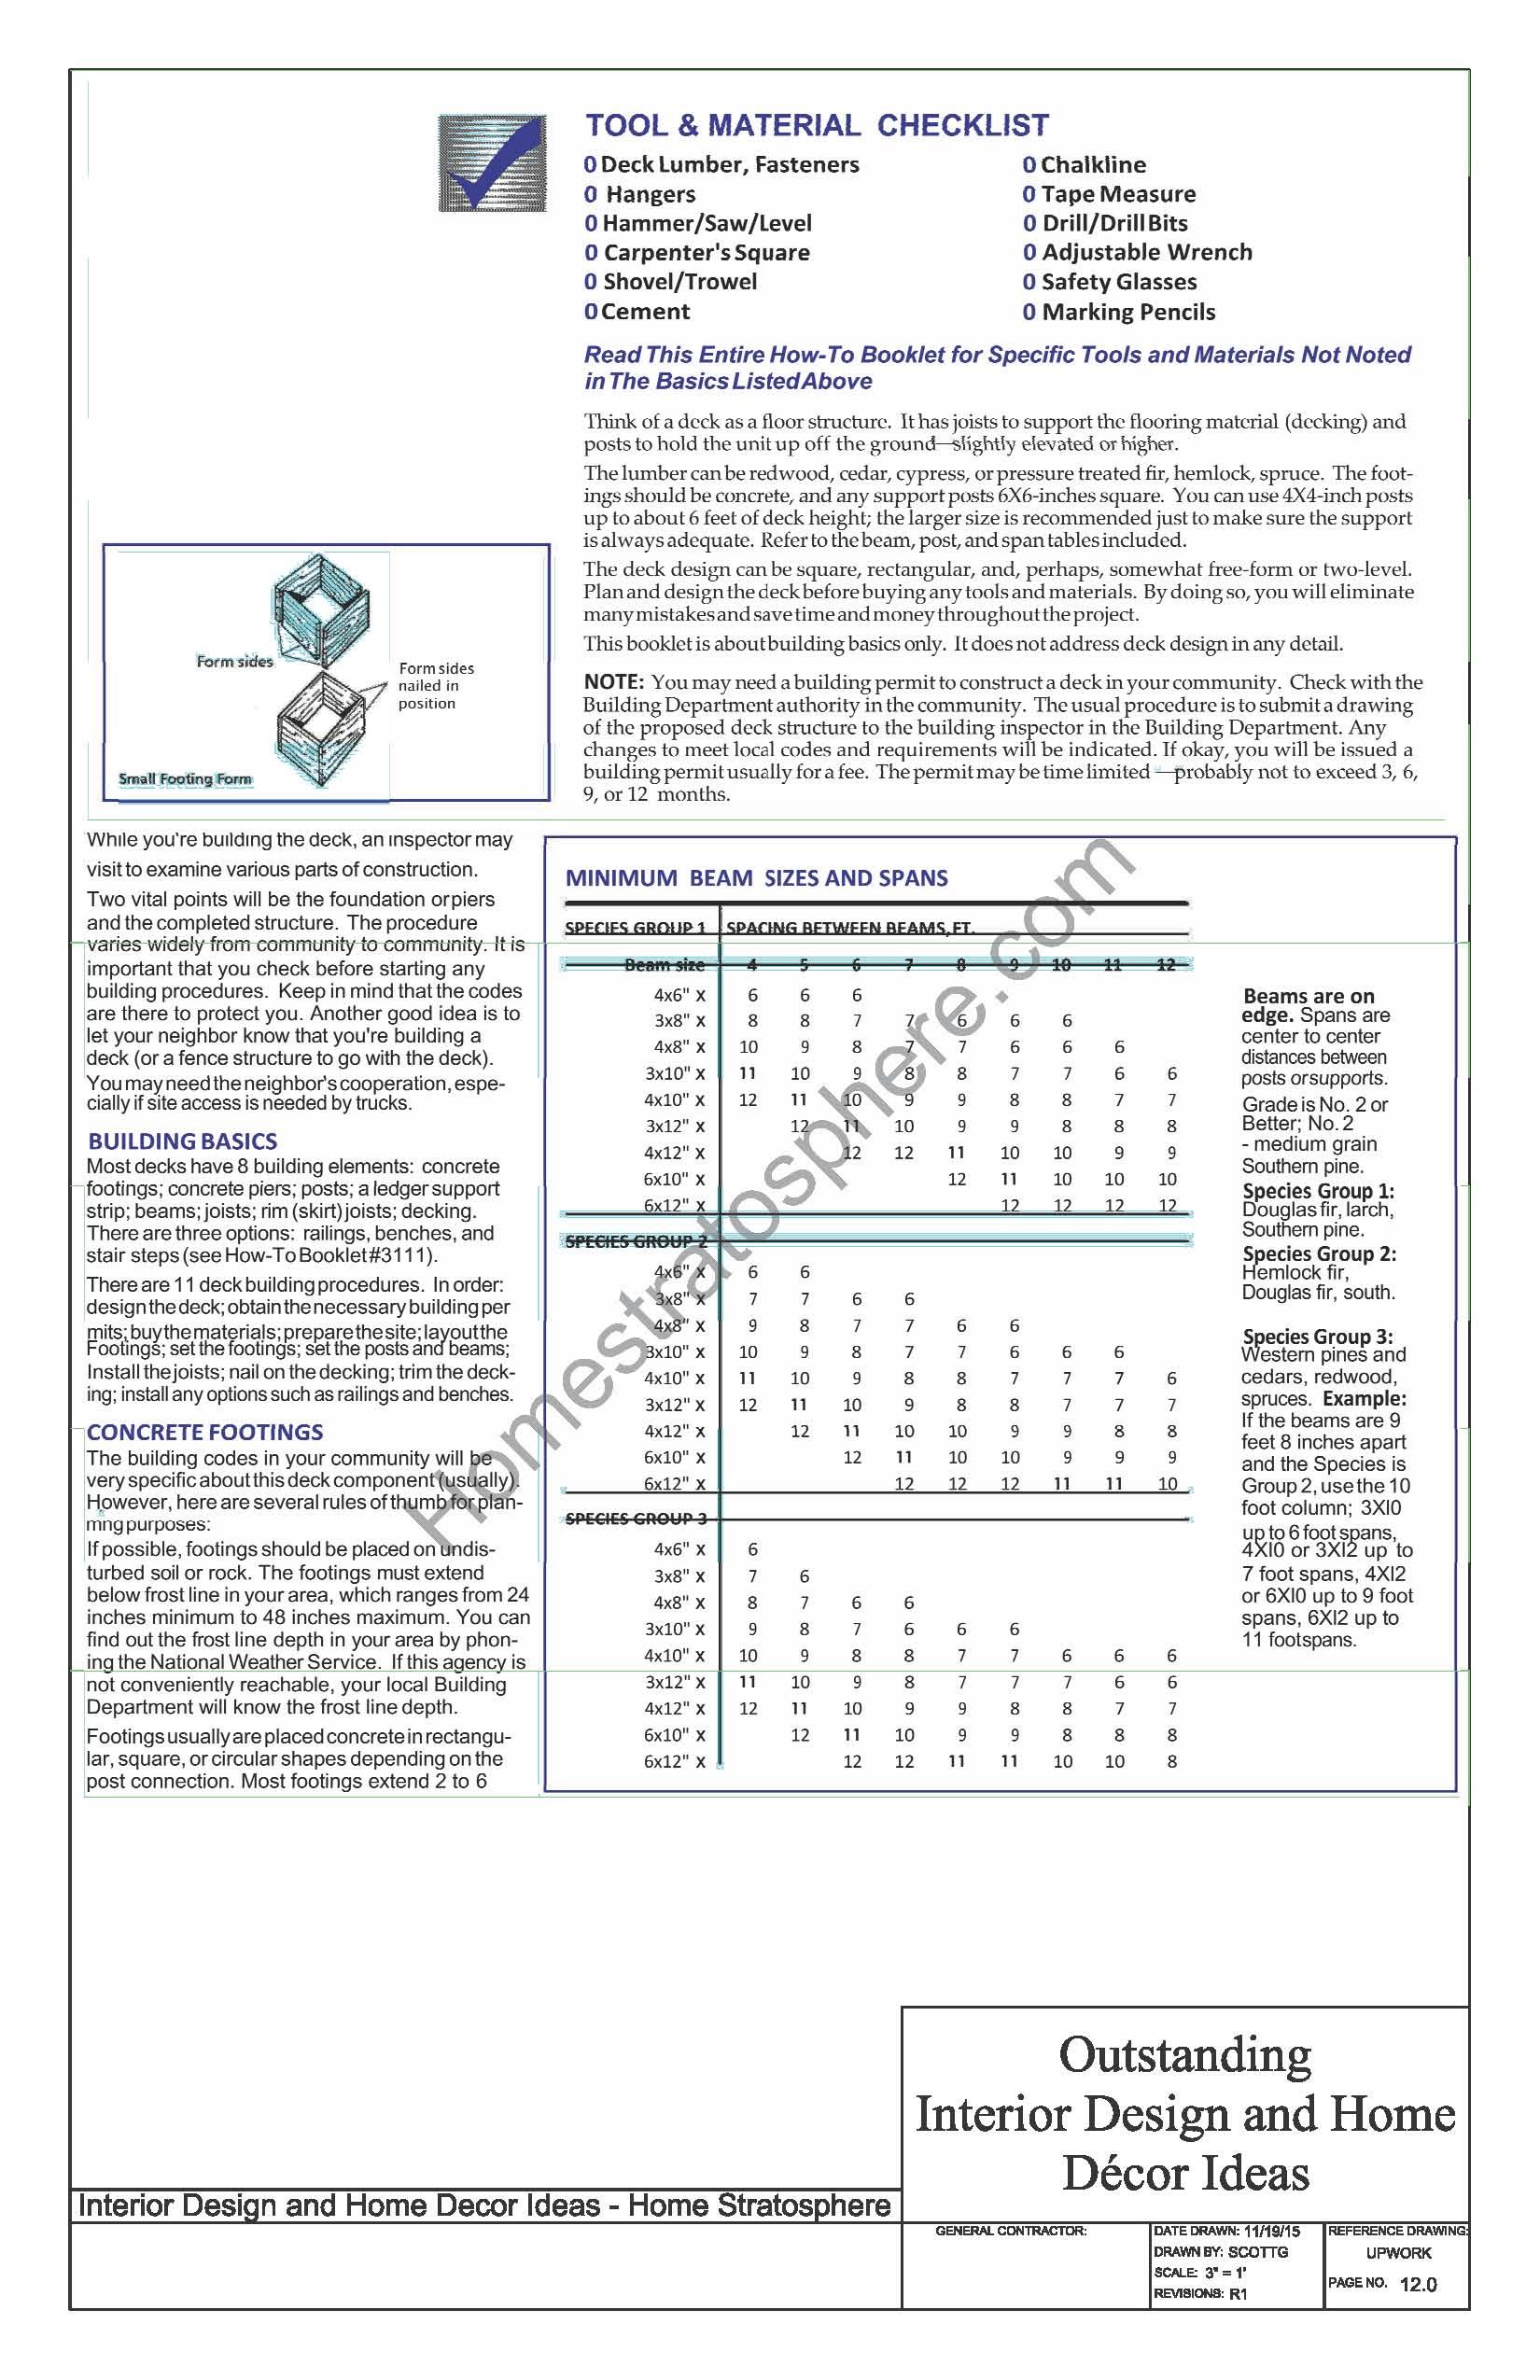 Deck Materials and Tools Checklist